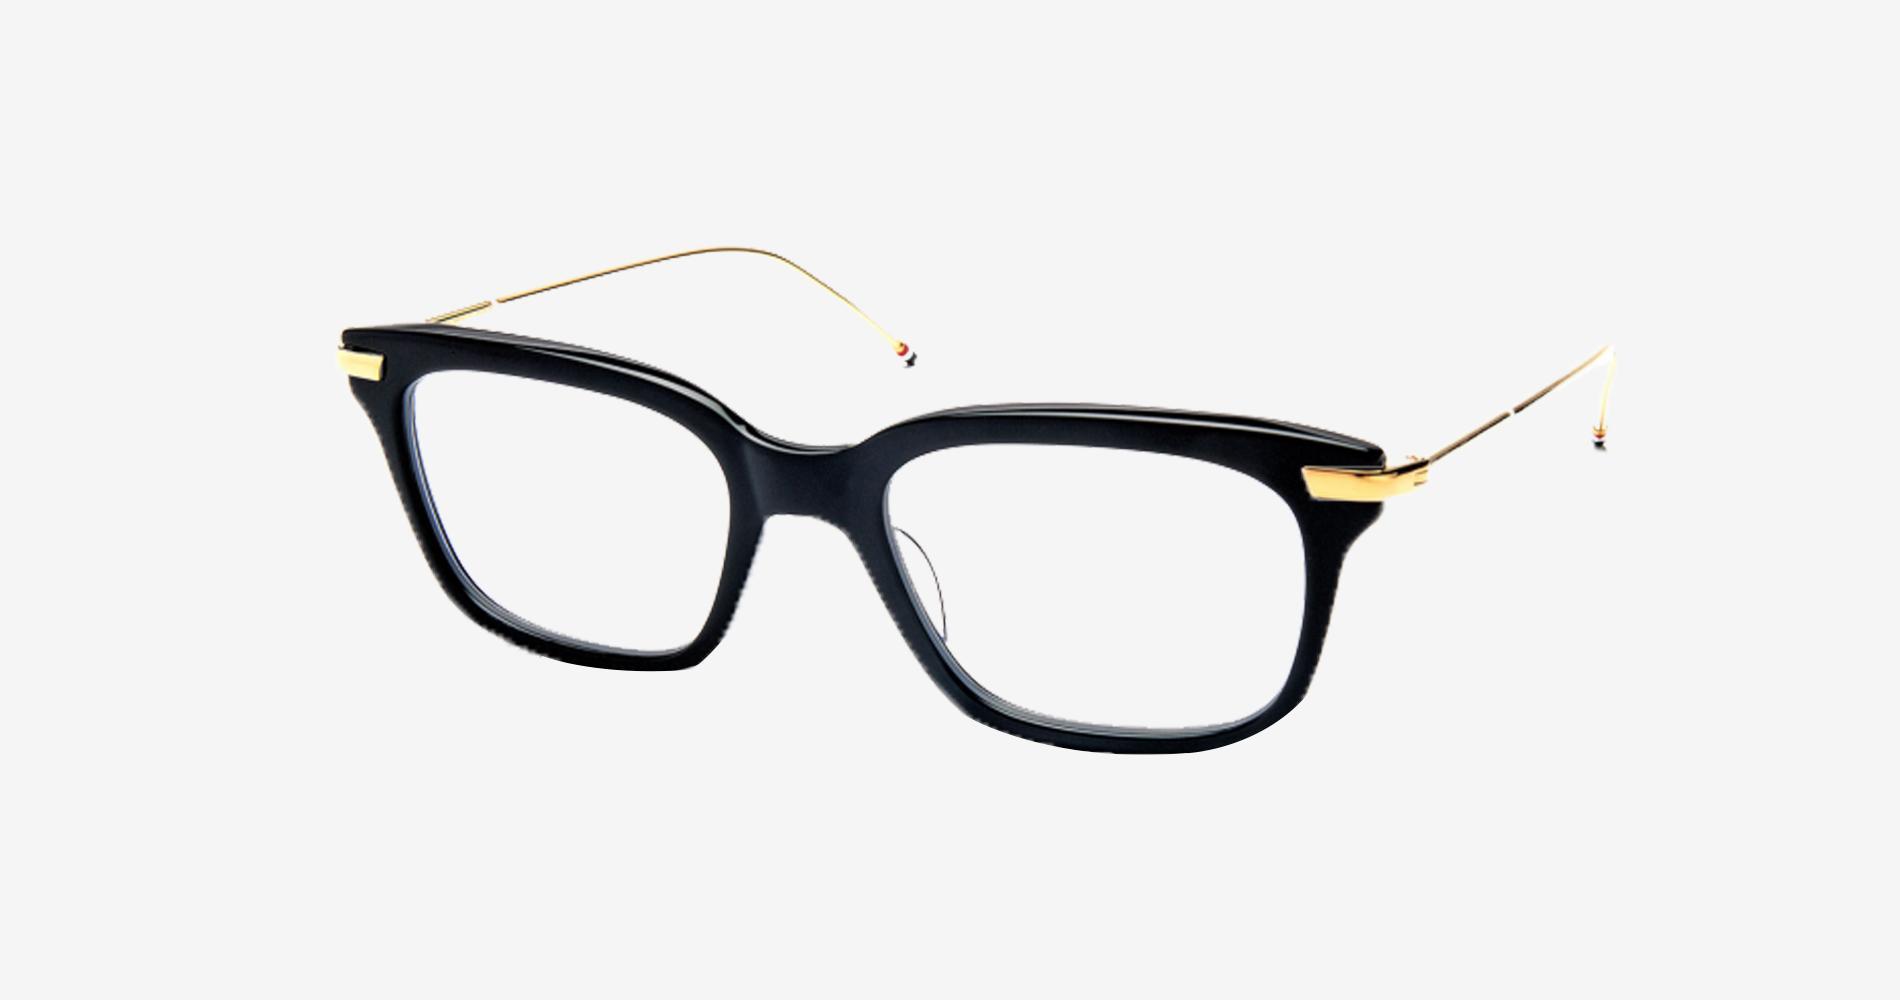 Comment choisir des lunettes qui me vont vraiment   - Madame Figaro 66102d09a3a5